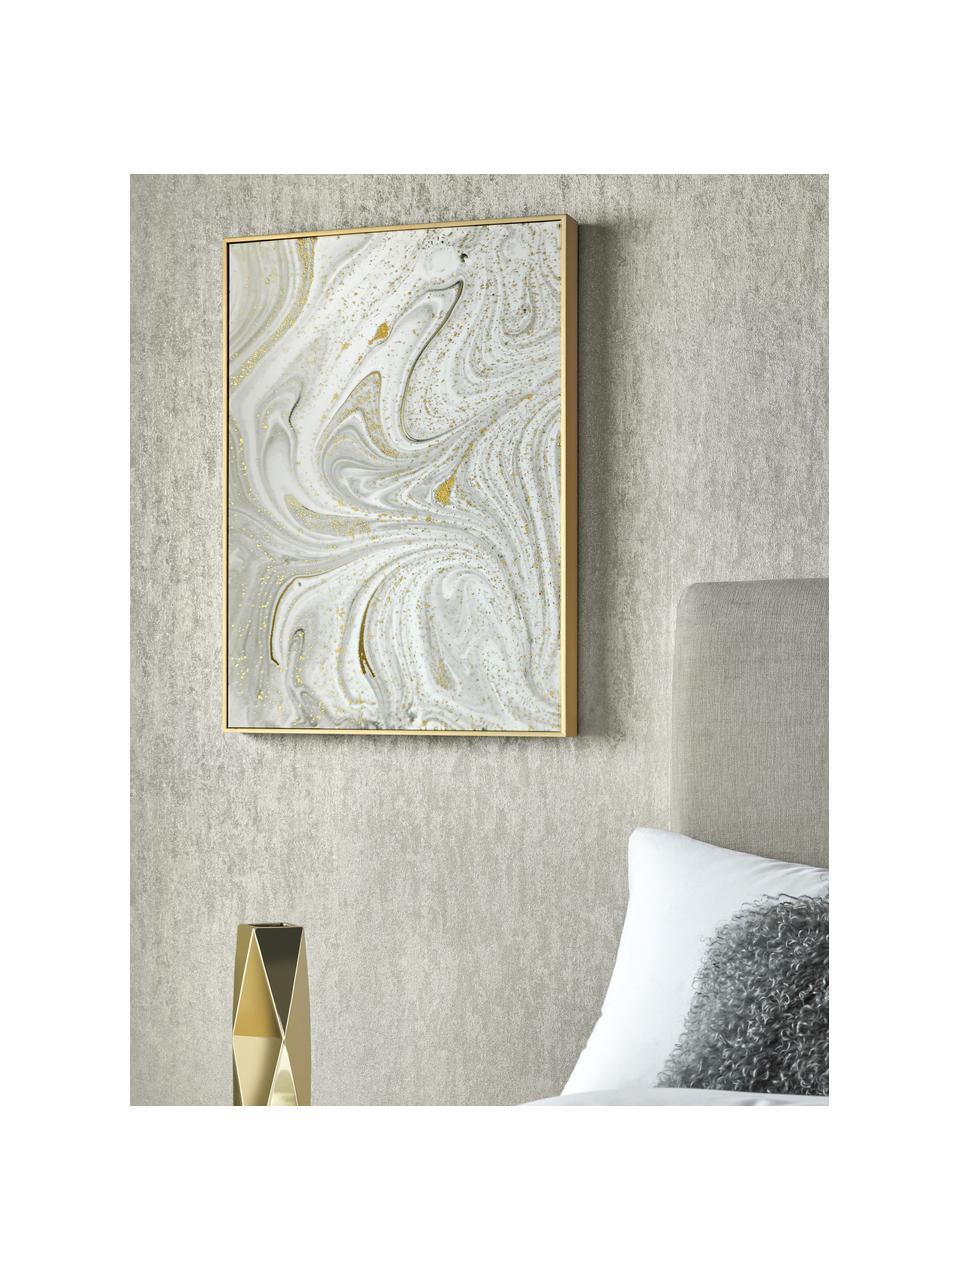 Gerahmter Leinwanddruck Marble, Bild: Digitaldruck auf Leinen, Rahmen: Metall, beschichtet, Weiß, Grau, Goldfarben, 50 x 70 cm